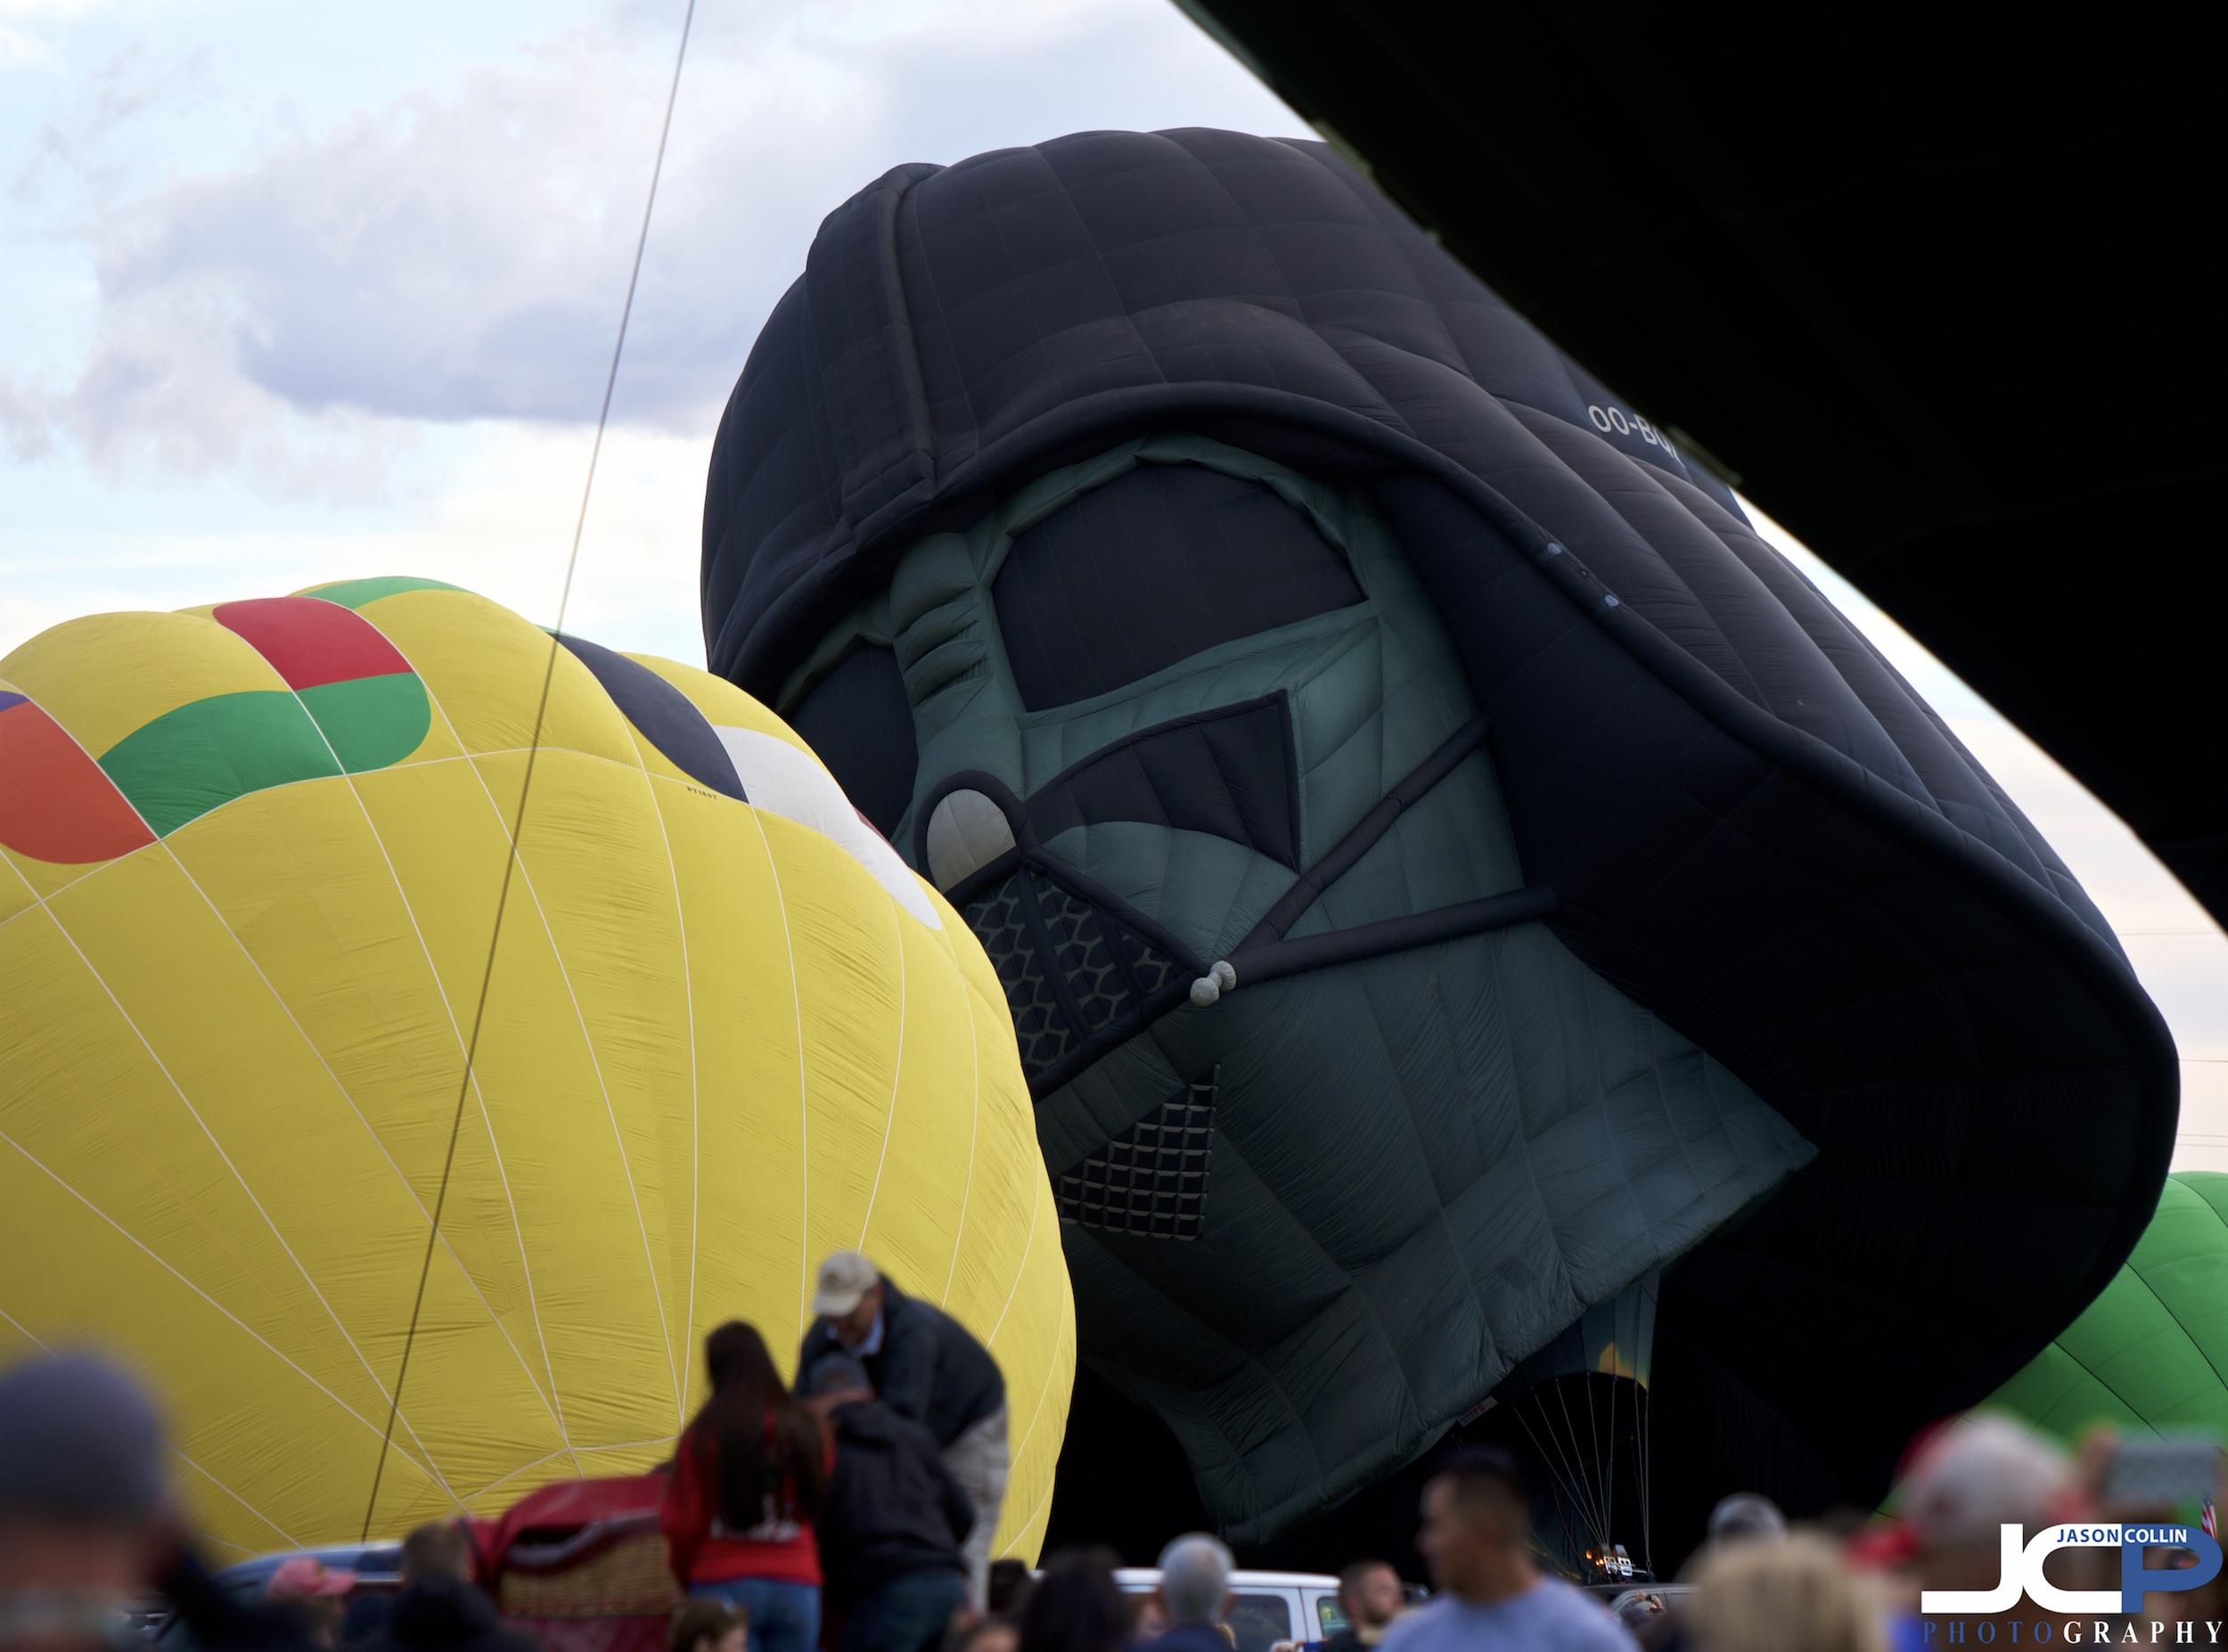 ballon-fiesta-2018-nm-108116.jpg